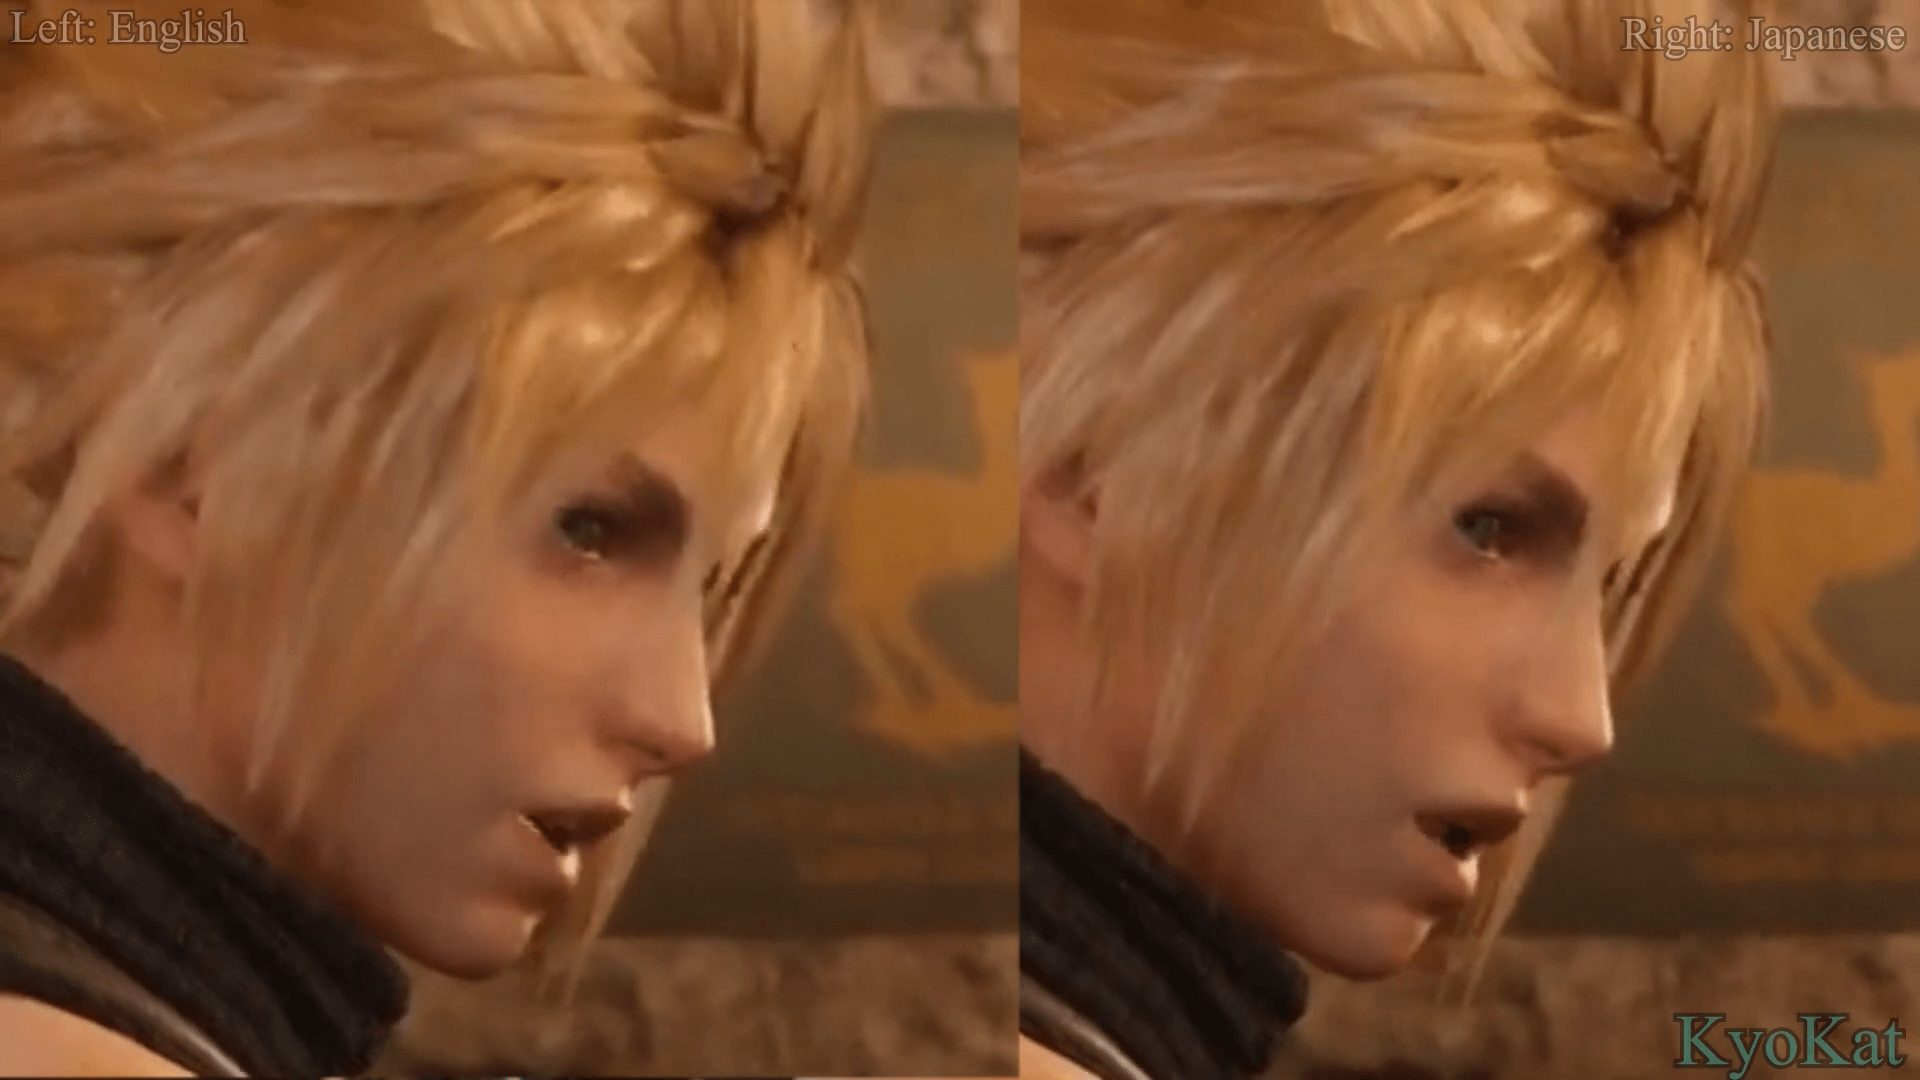 唇音细节好评!《最终幻想7:重制版》美日版预告对比